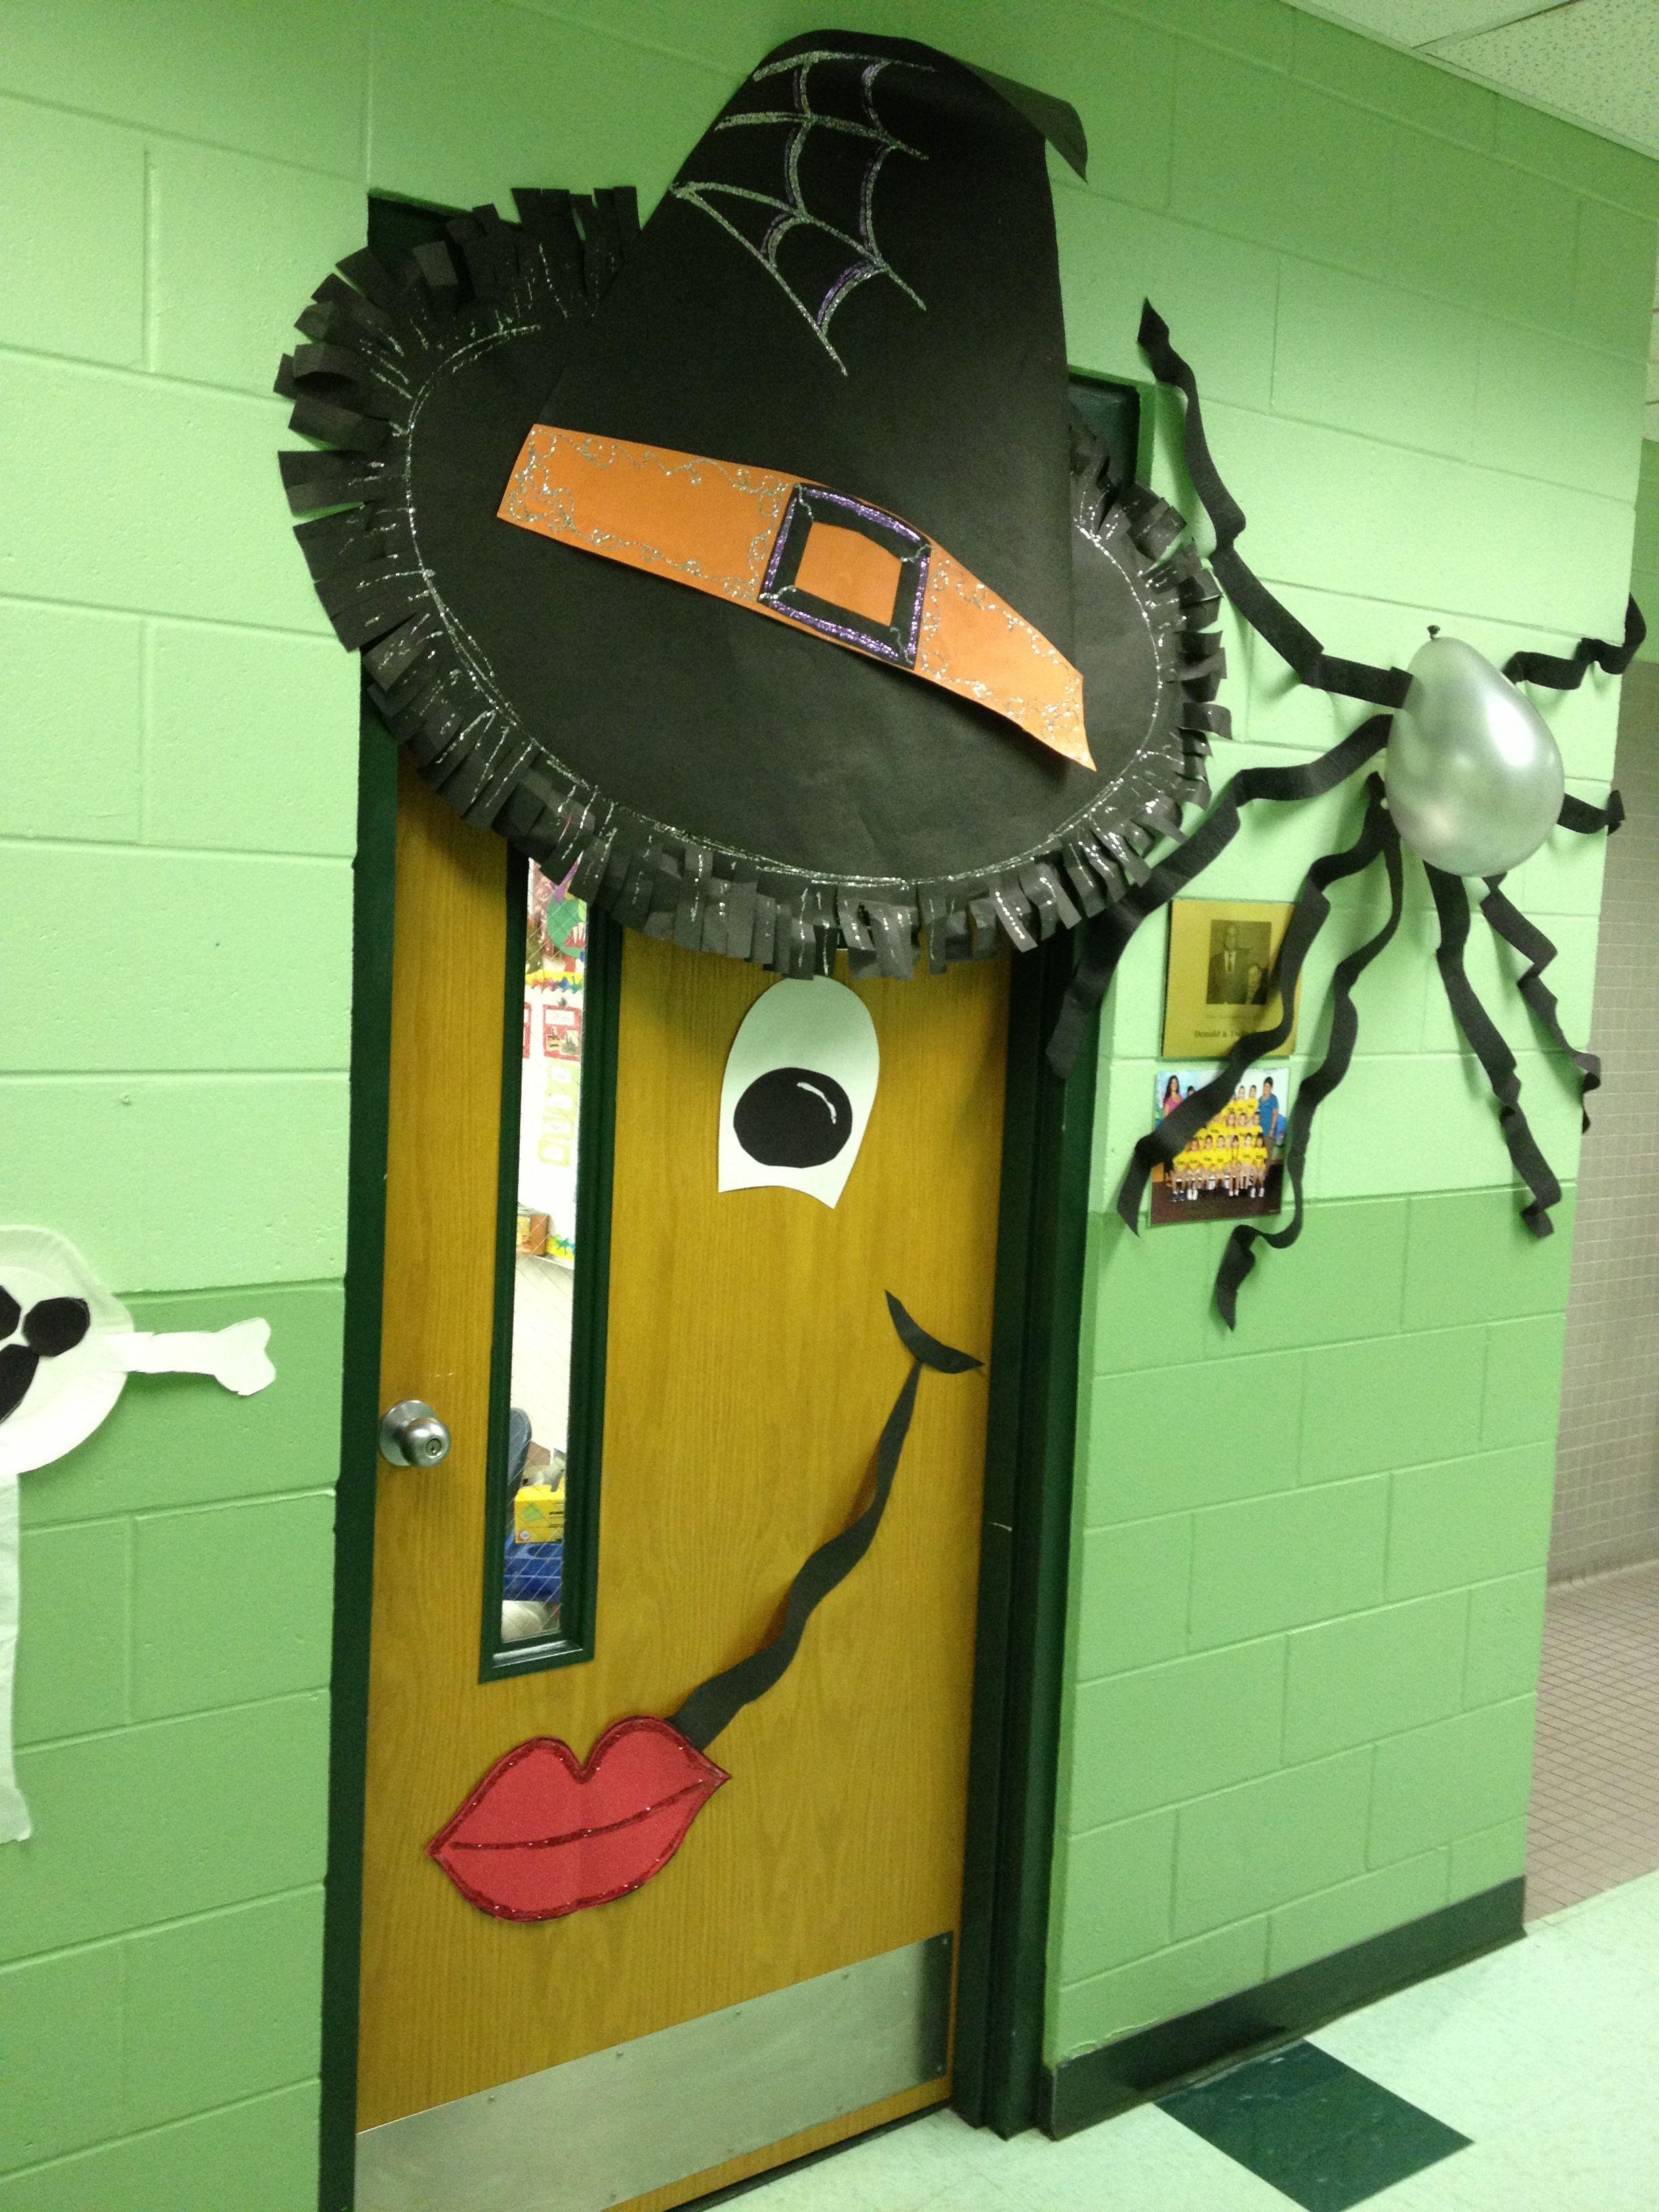 Halloween door decor for classroom Halloween Pinterest Doors - classroom door halloween decorations